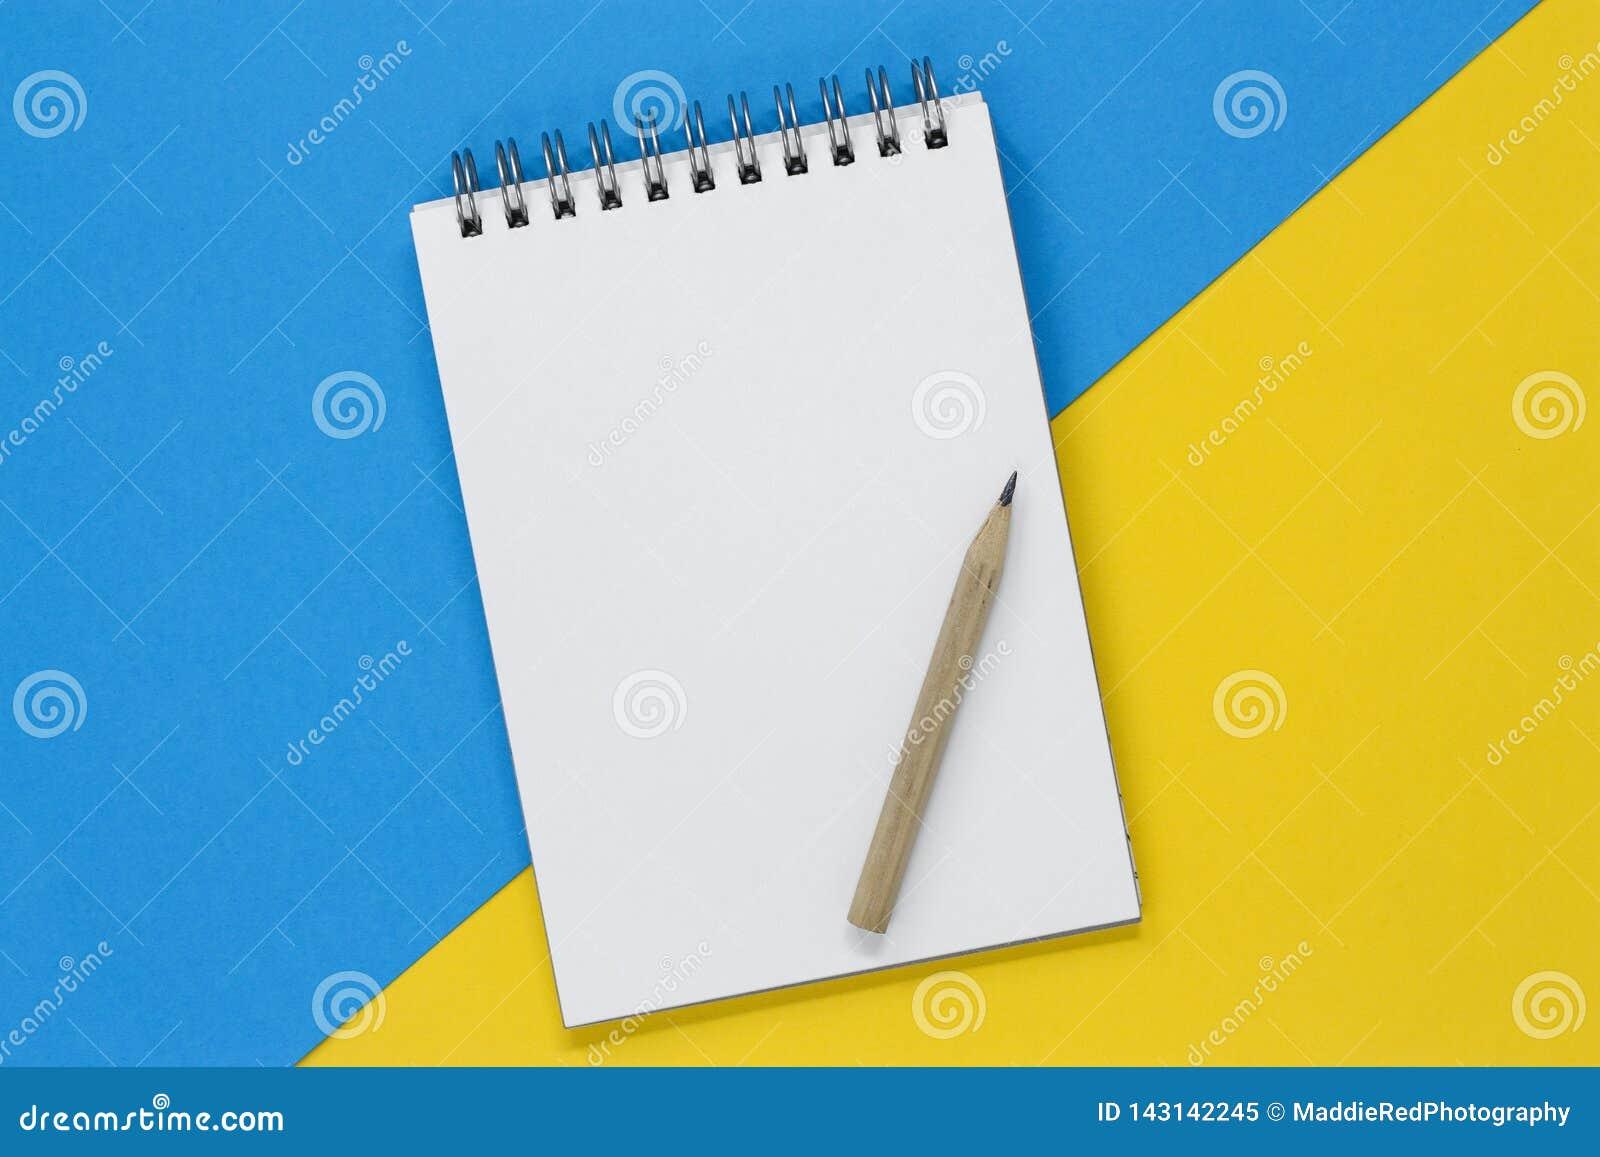 Carnet de notes à spirale ouvert avec une page vide et un crayon sur un fond bleu et jaune, avec l espace de copie